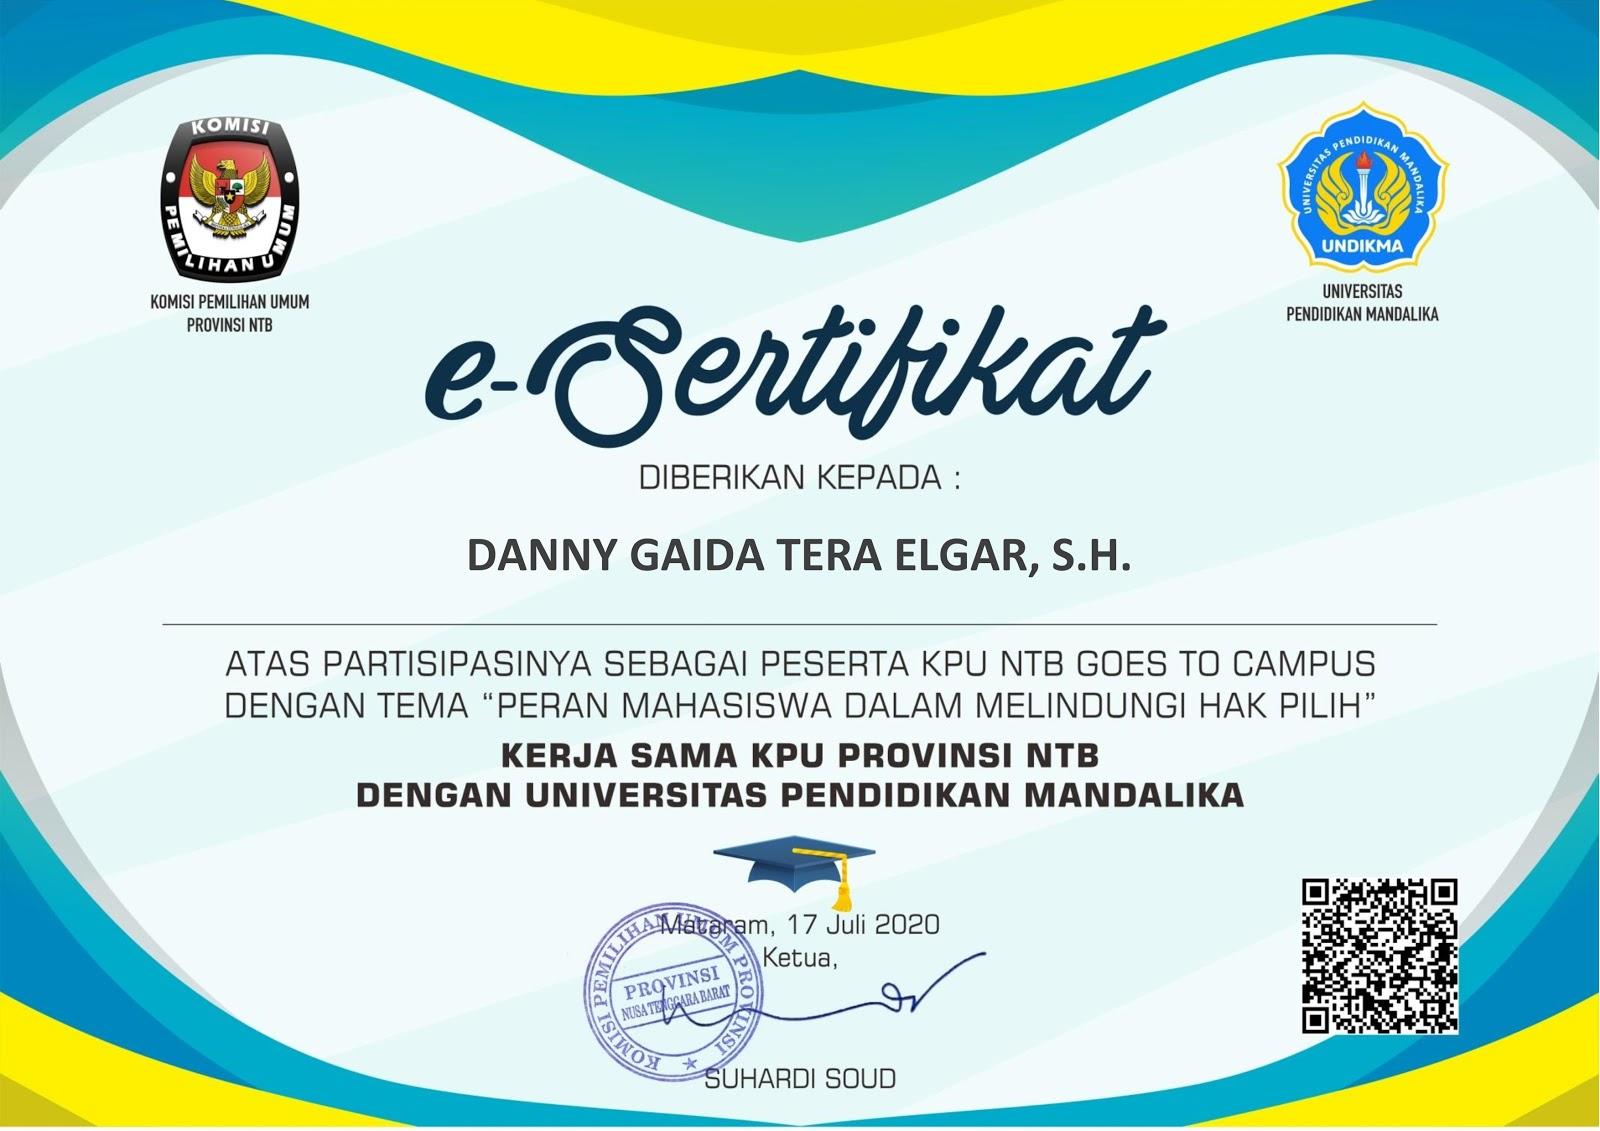 Sertifikat KPU Provinsi Nusa Tenggara Barat (NTB) | Peran Mahasiswa Dalam Melindungi Hak Pilih (JUMAT, 17 JULI 2020)